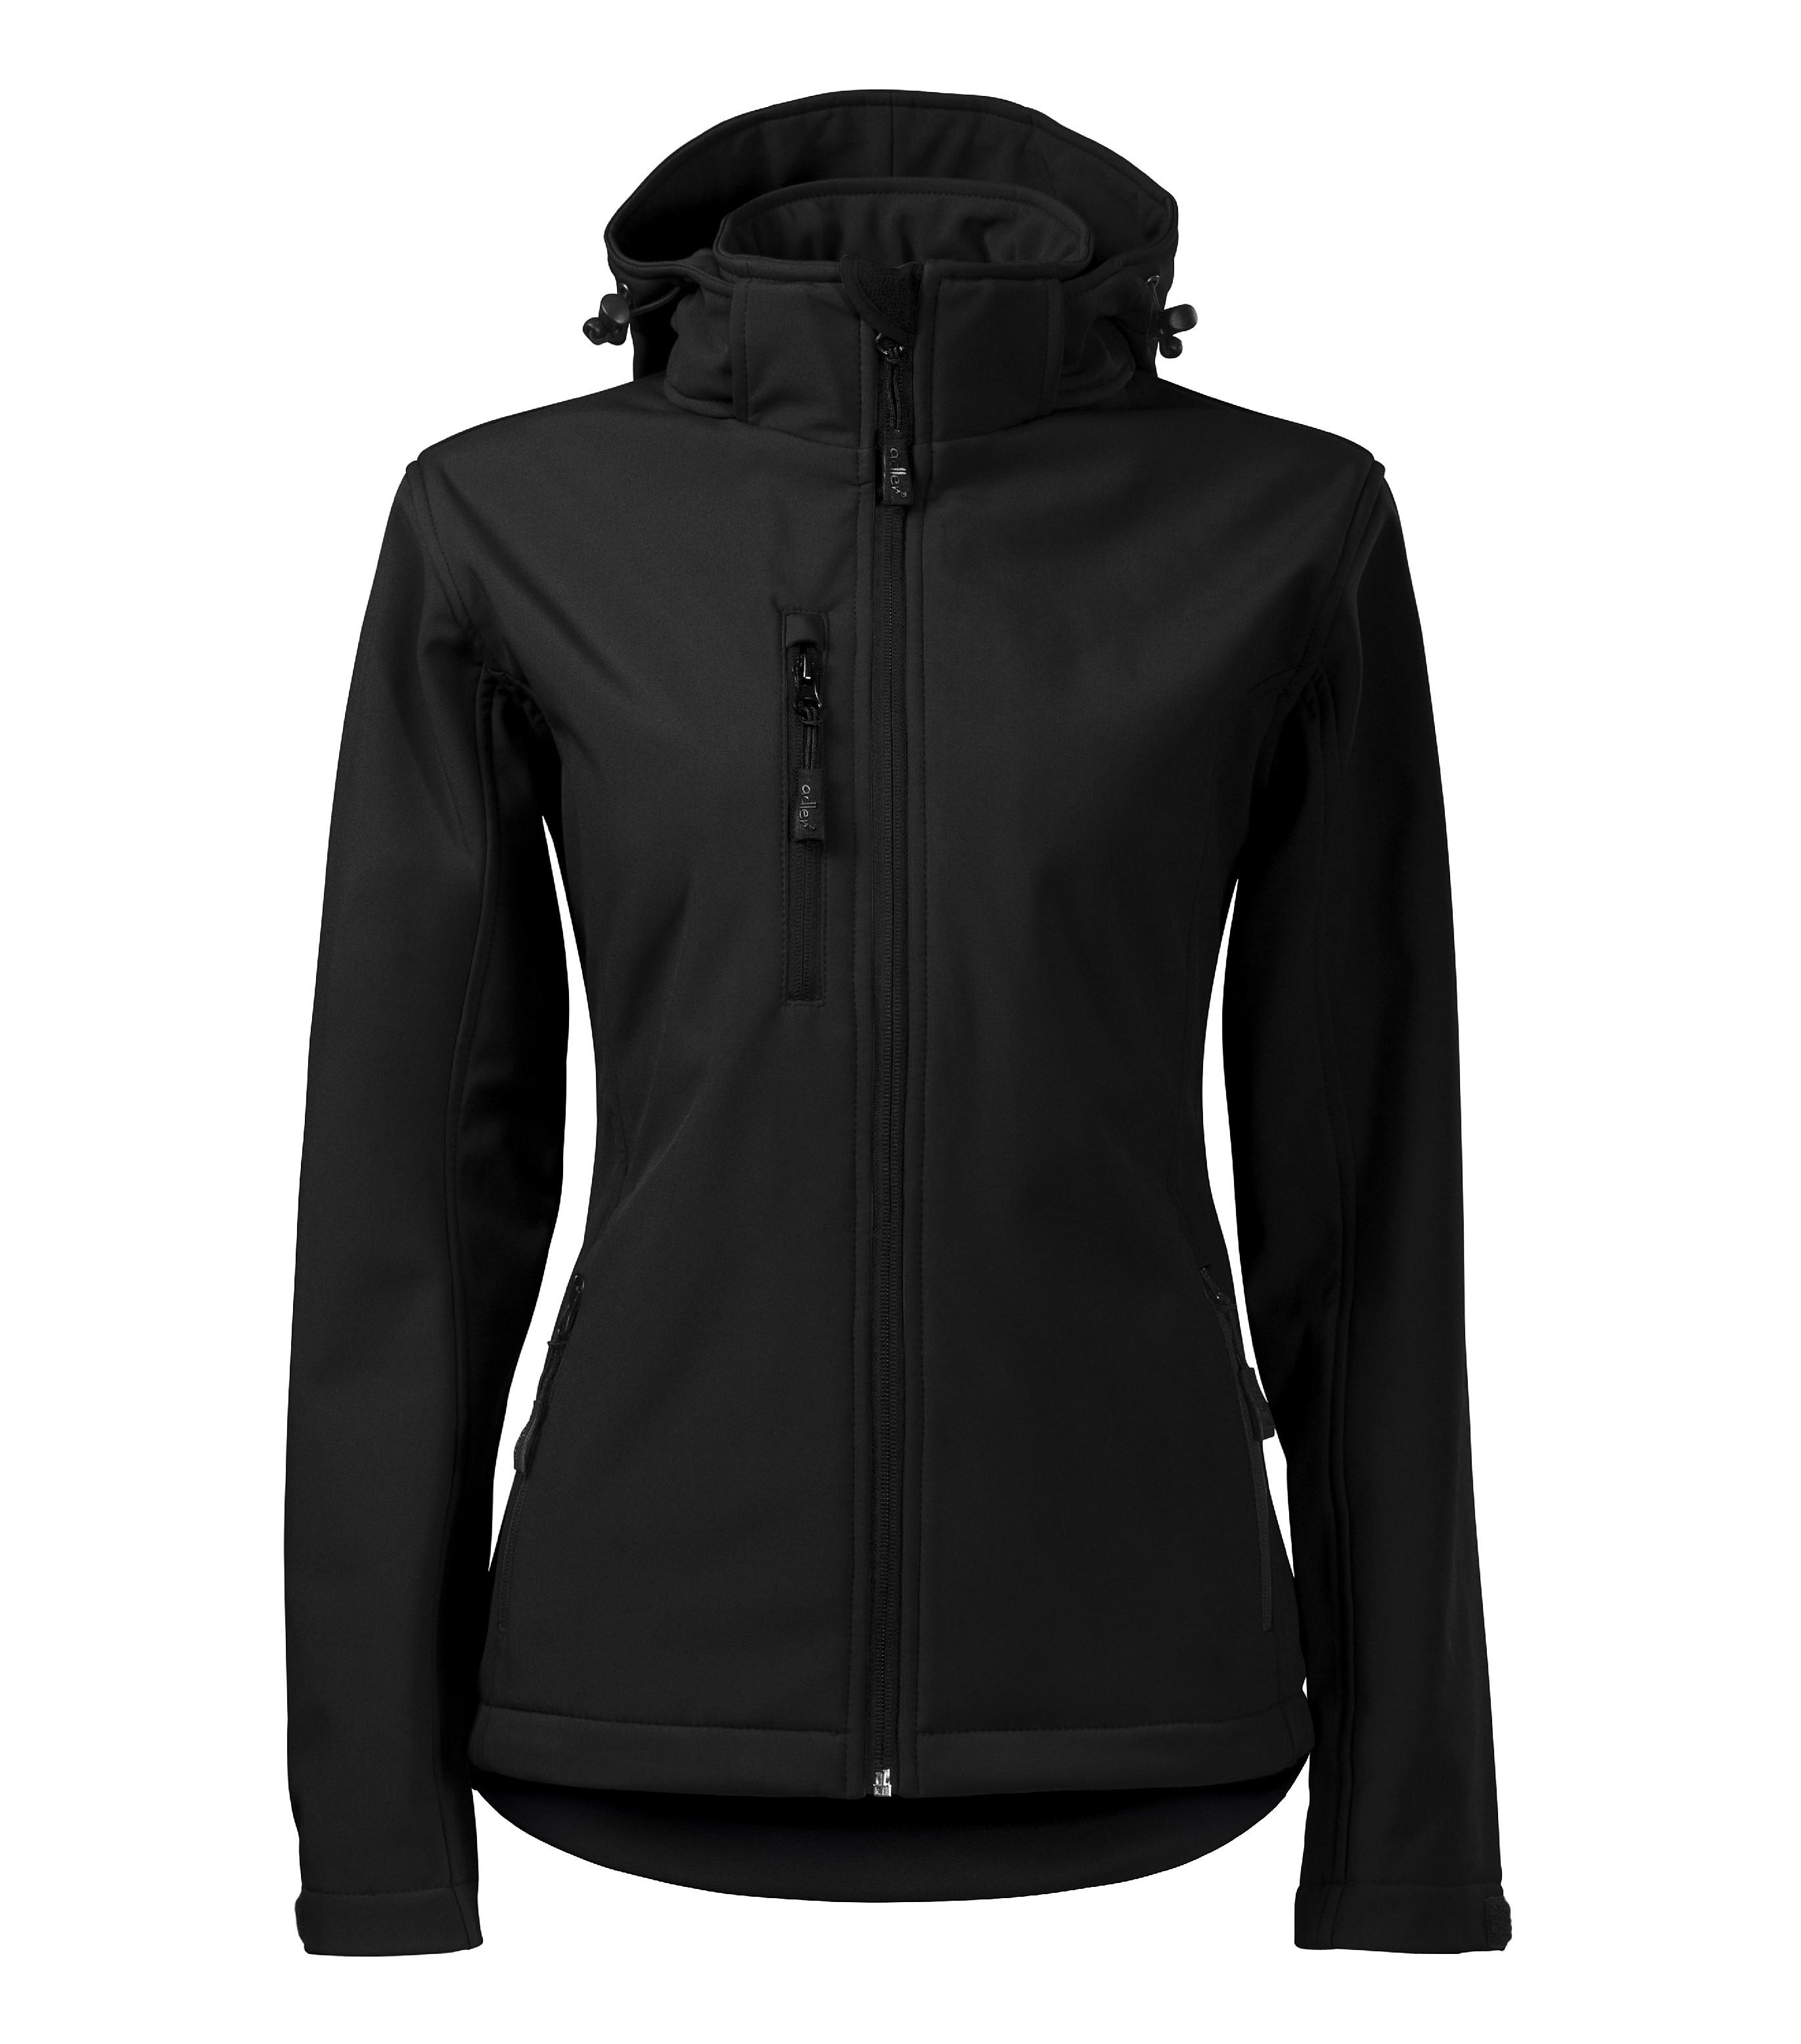 Softshellová bunda dámská Performance Barva: černá, Velikost: M